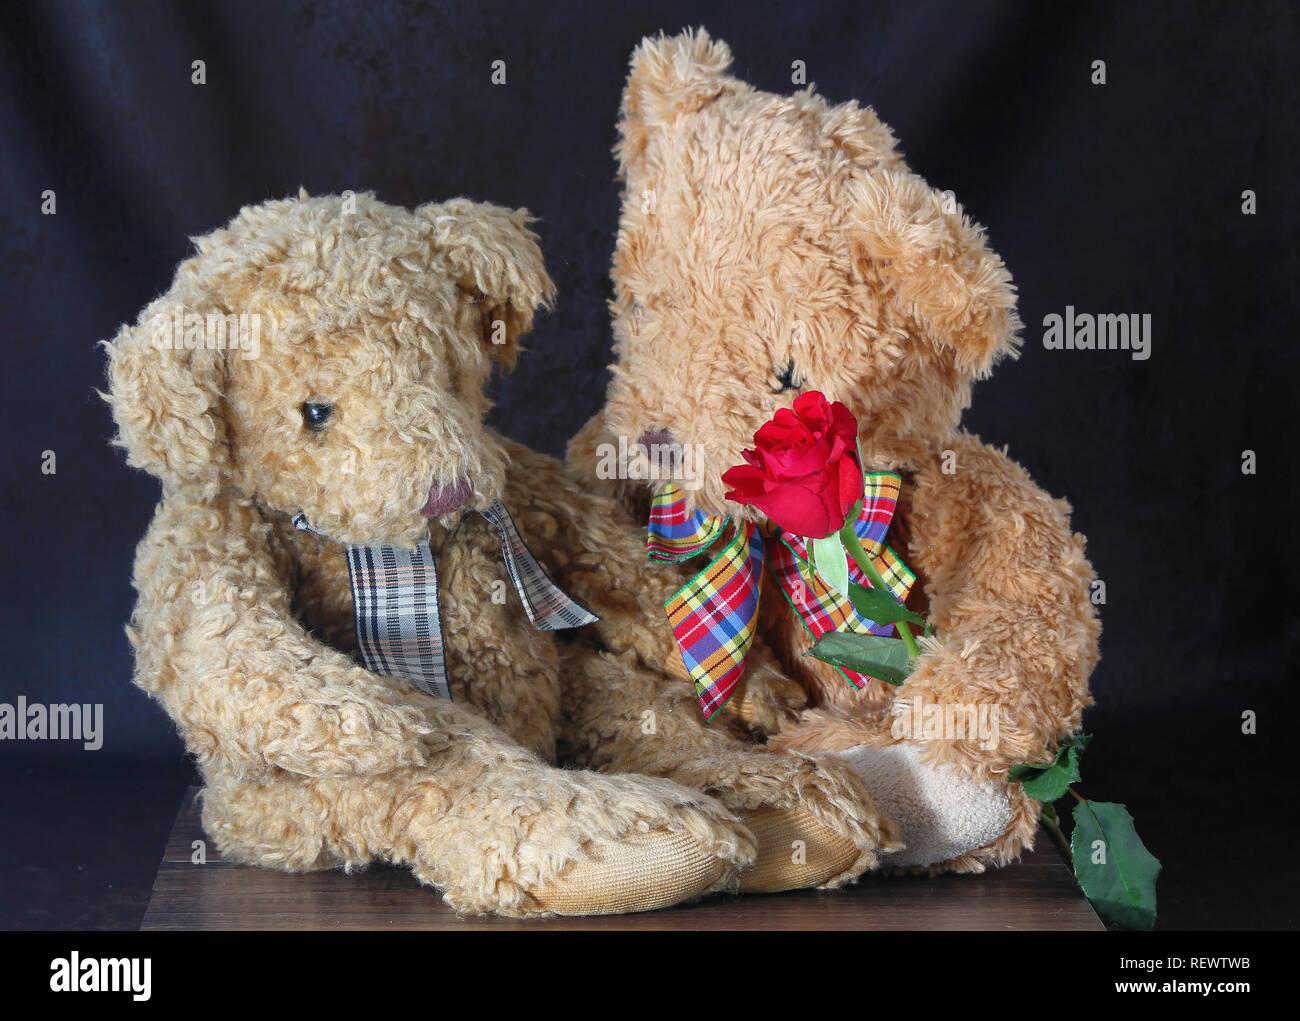 Auguri Per Anniversario Matrimonio : Cc cd d peony fiore fatto a mano biglietto di auguri per san